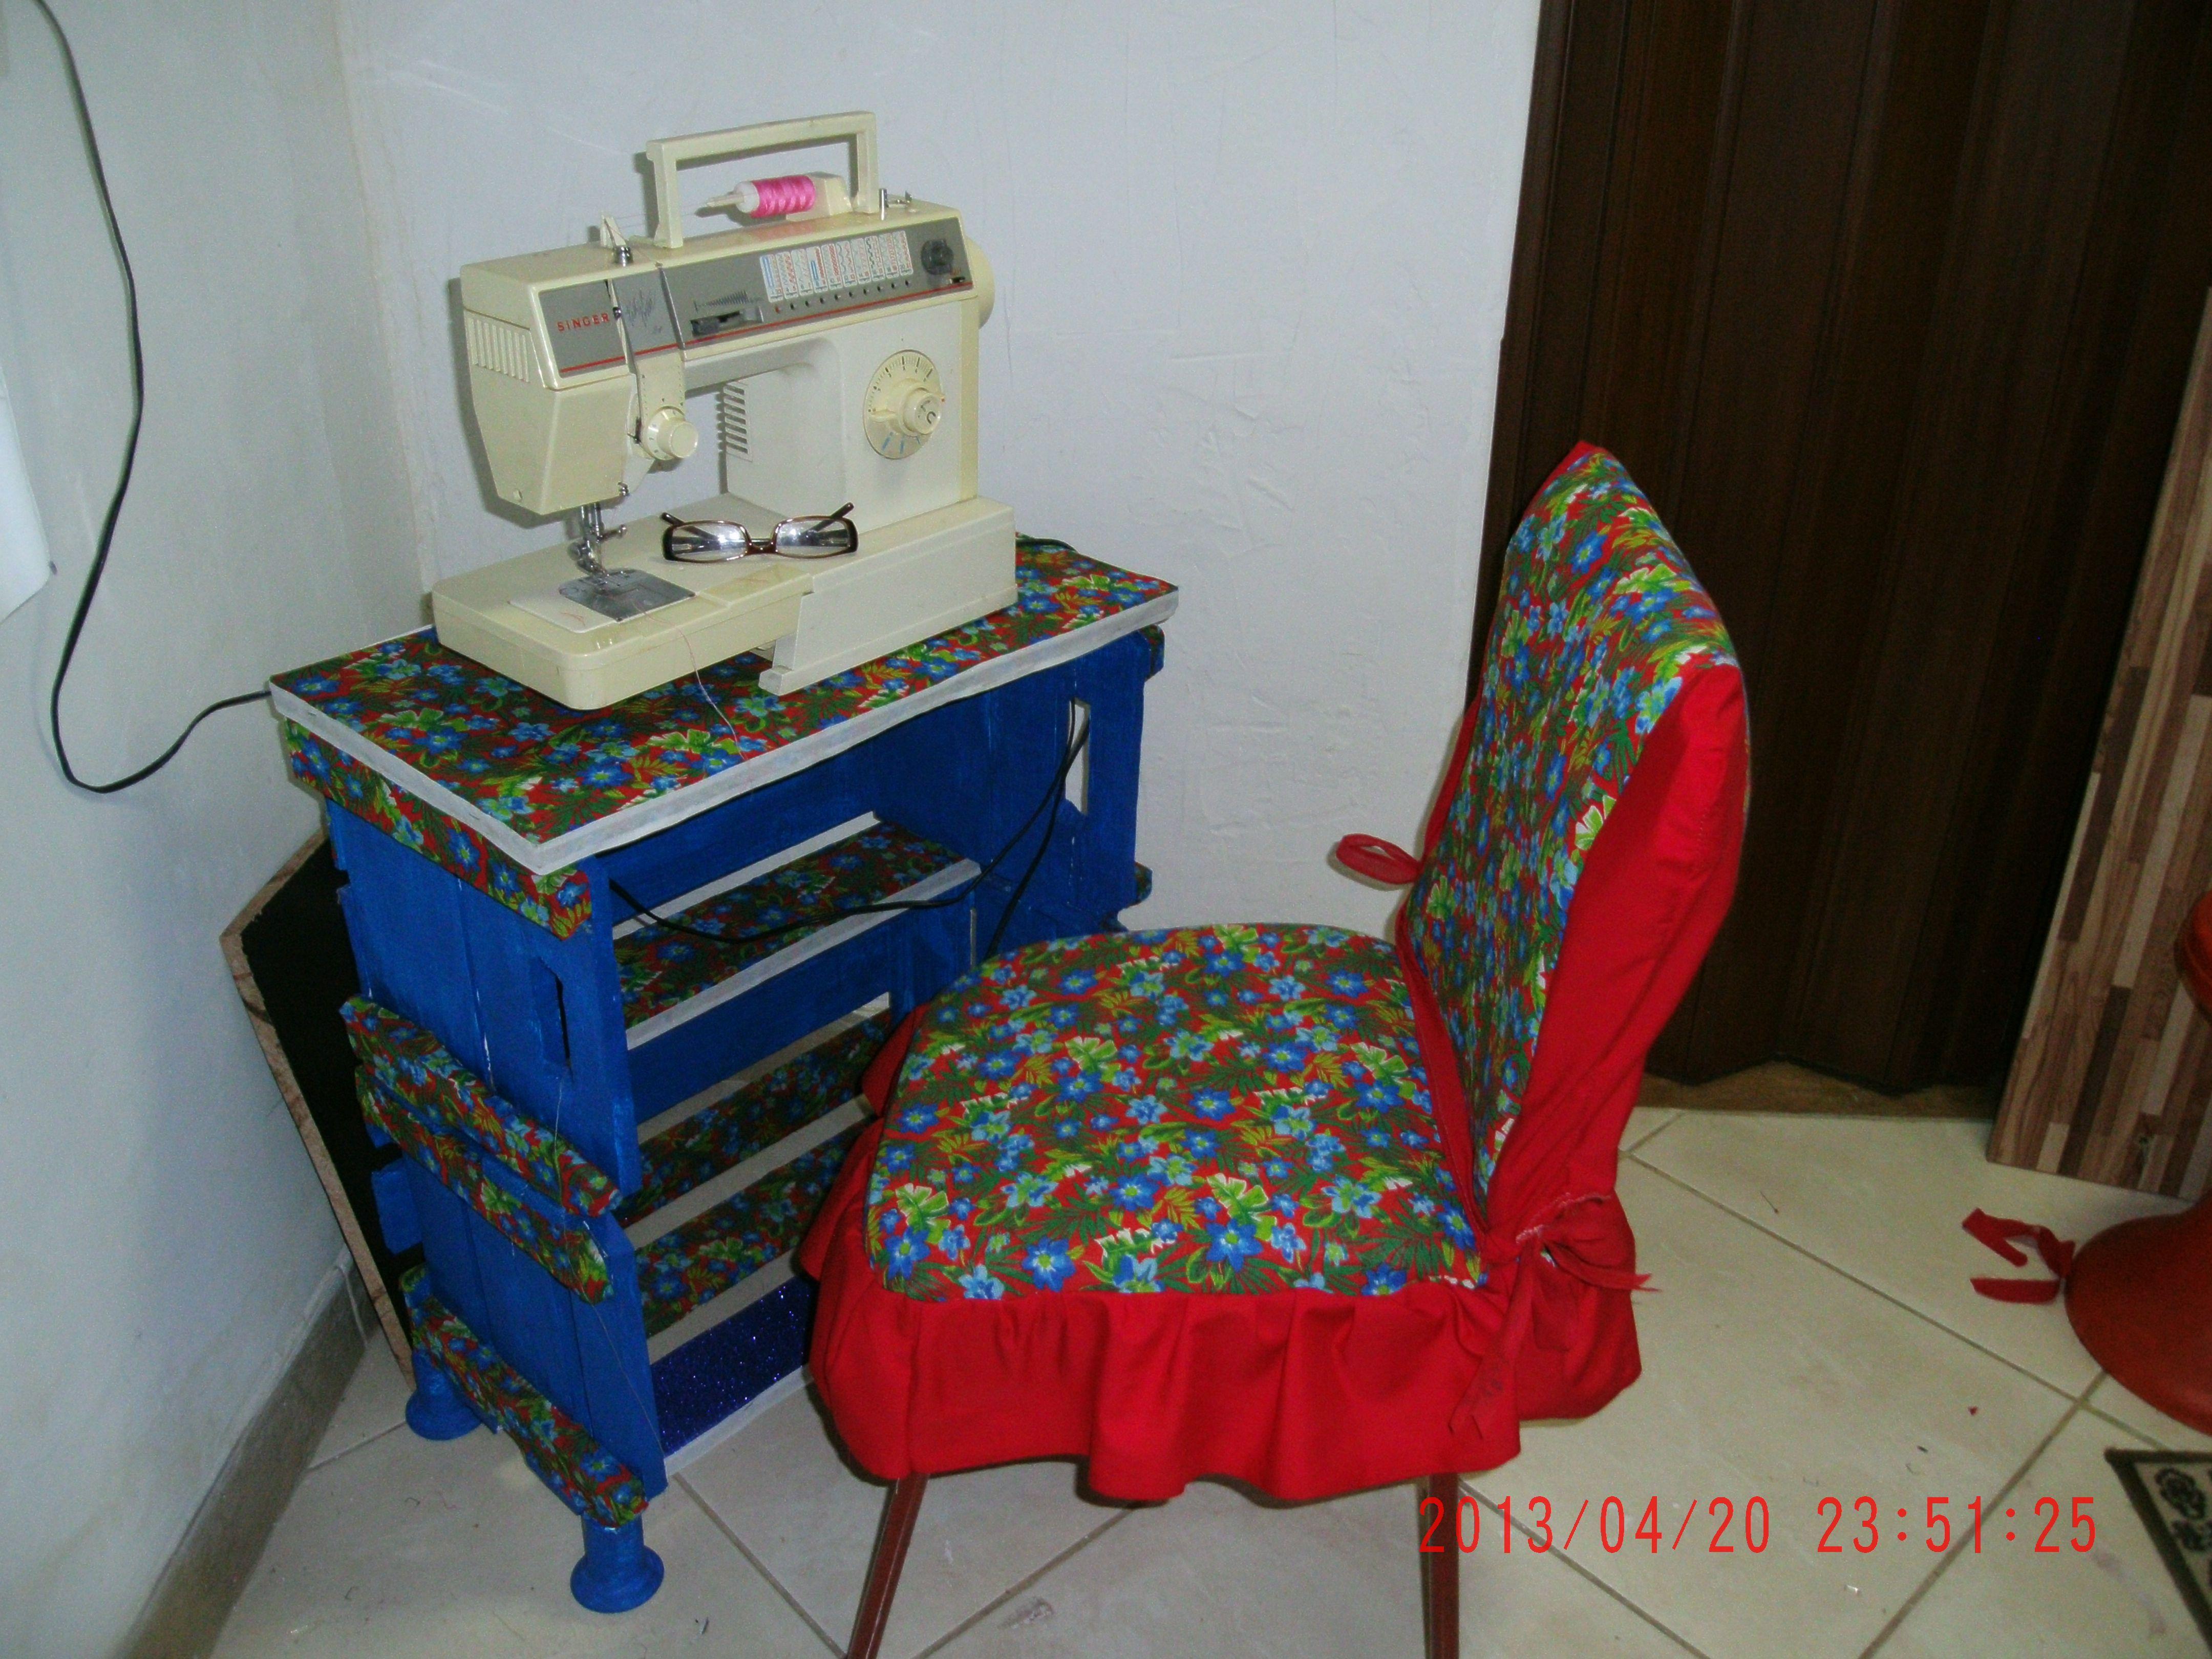 Mesa para a m quina de costura feita com reaproveitamento - Mesas para costura ...